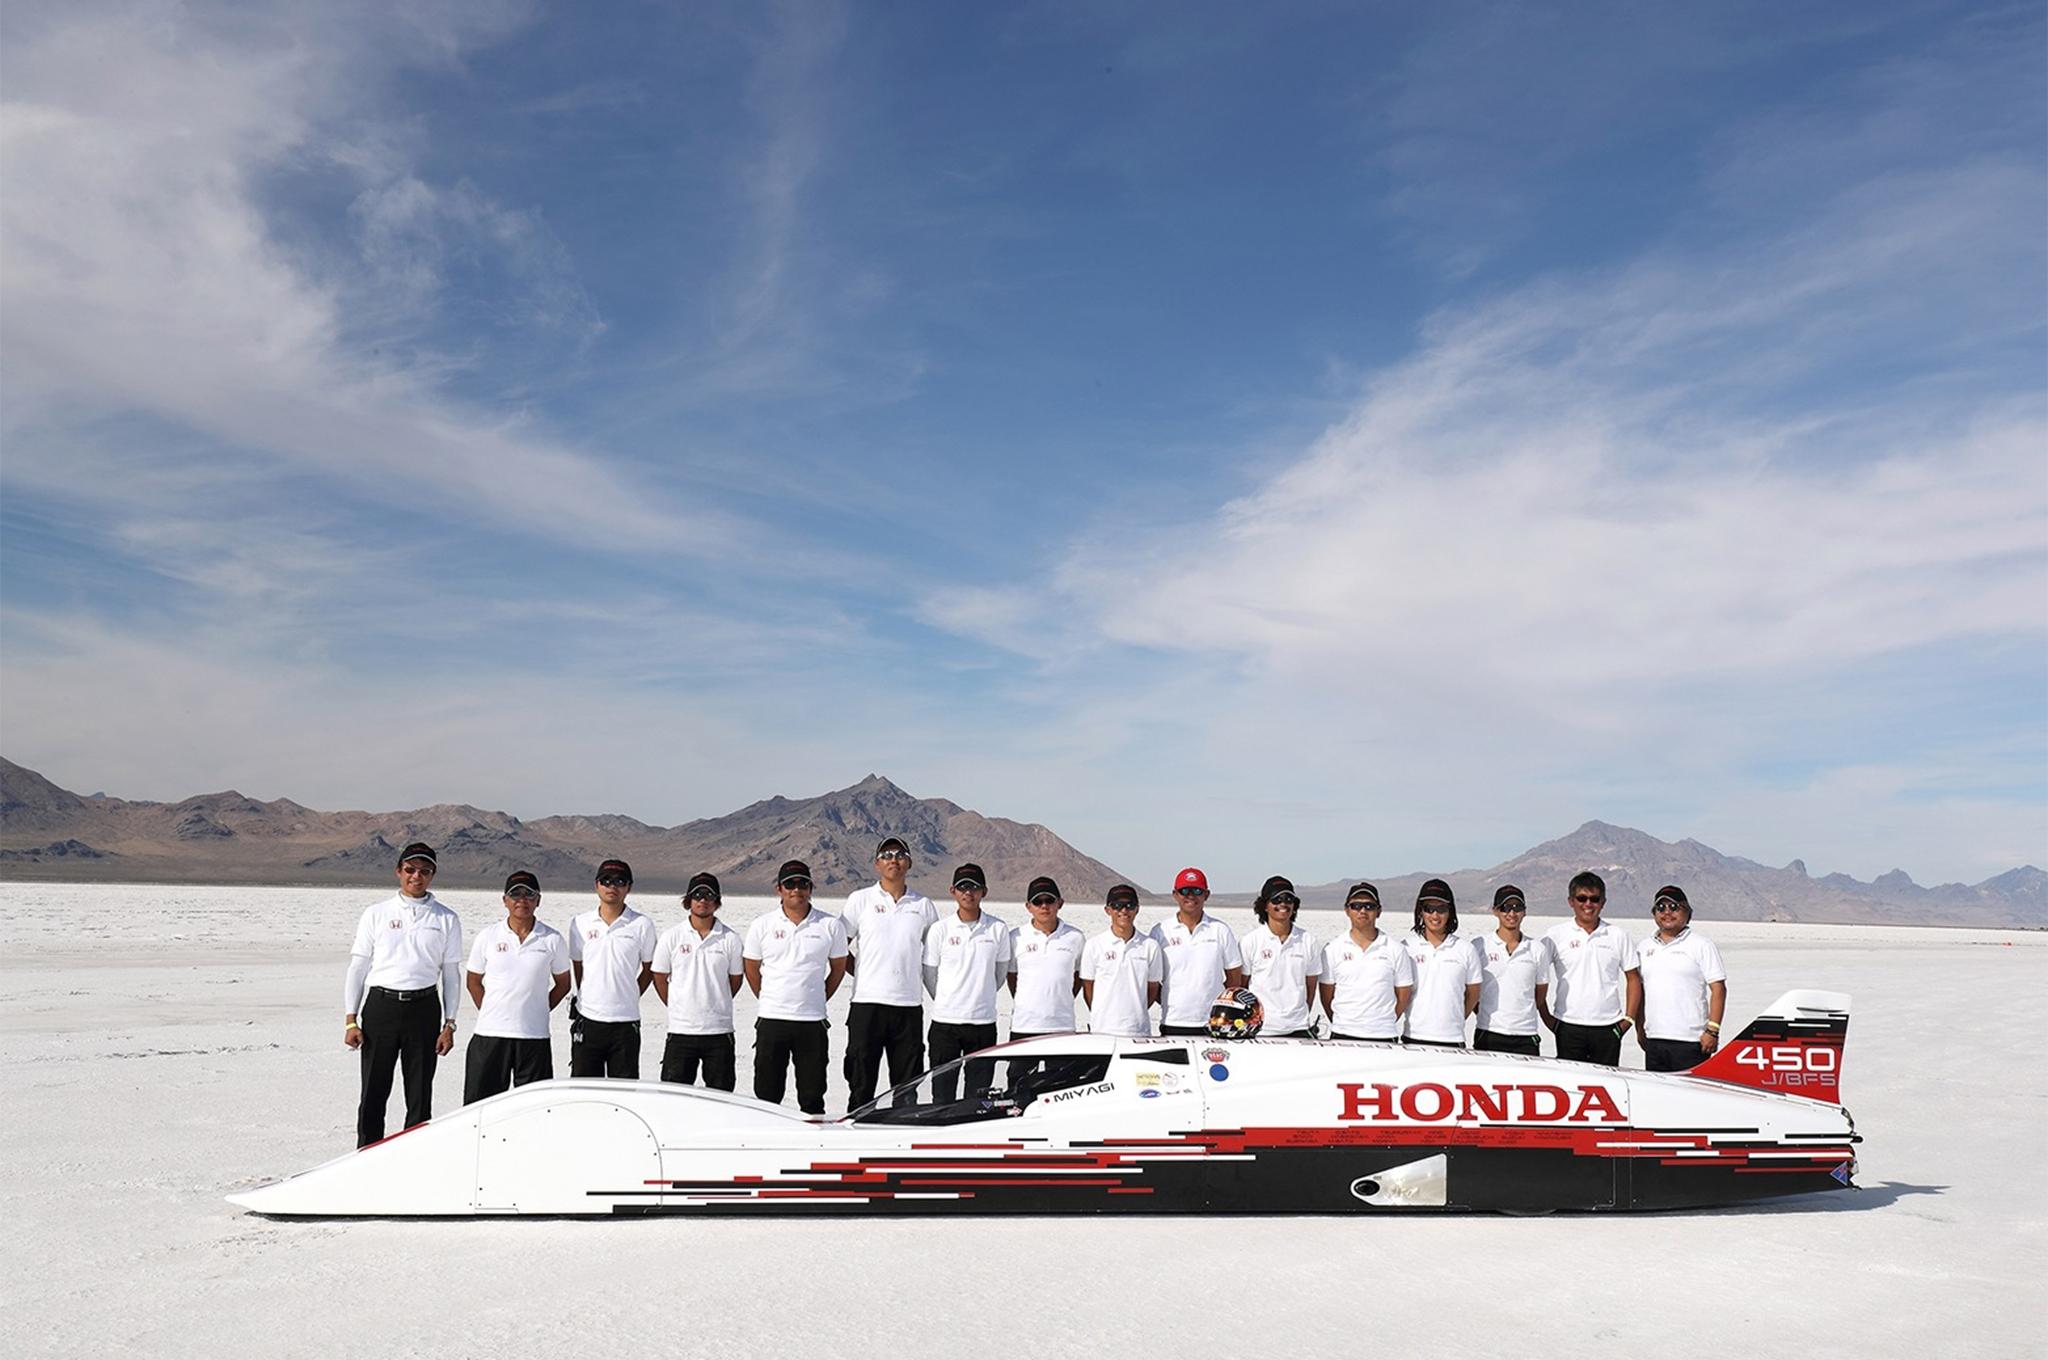 Малолитражную модель с мотором Honda разогнали до 420 км/ч 1